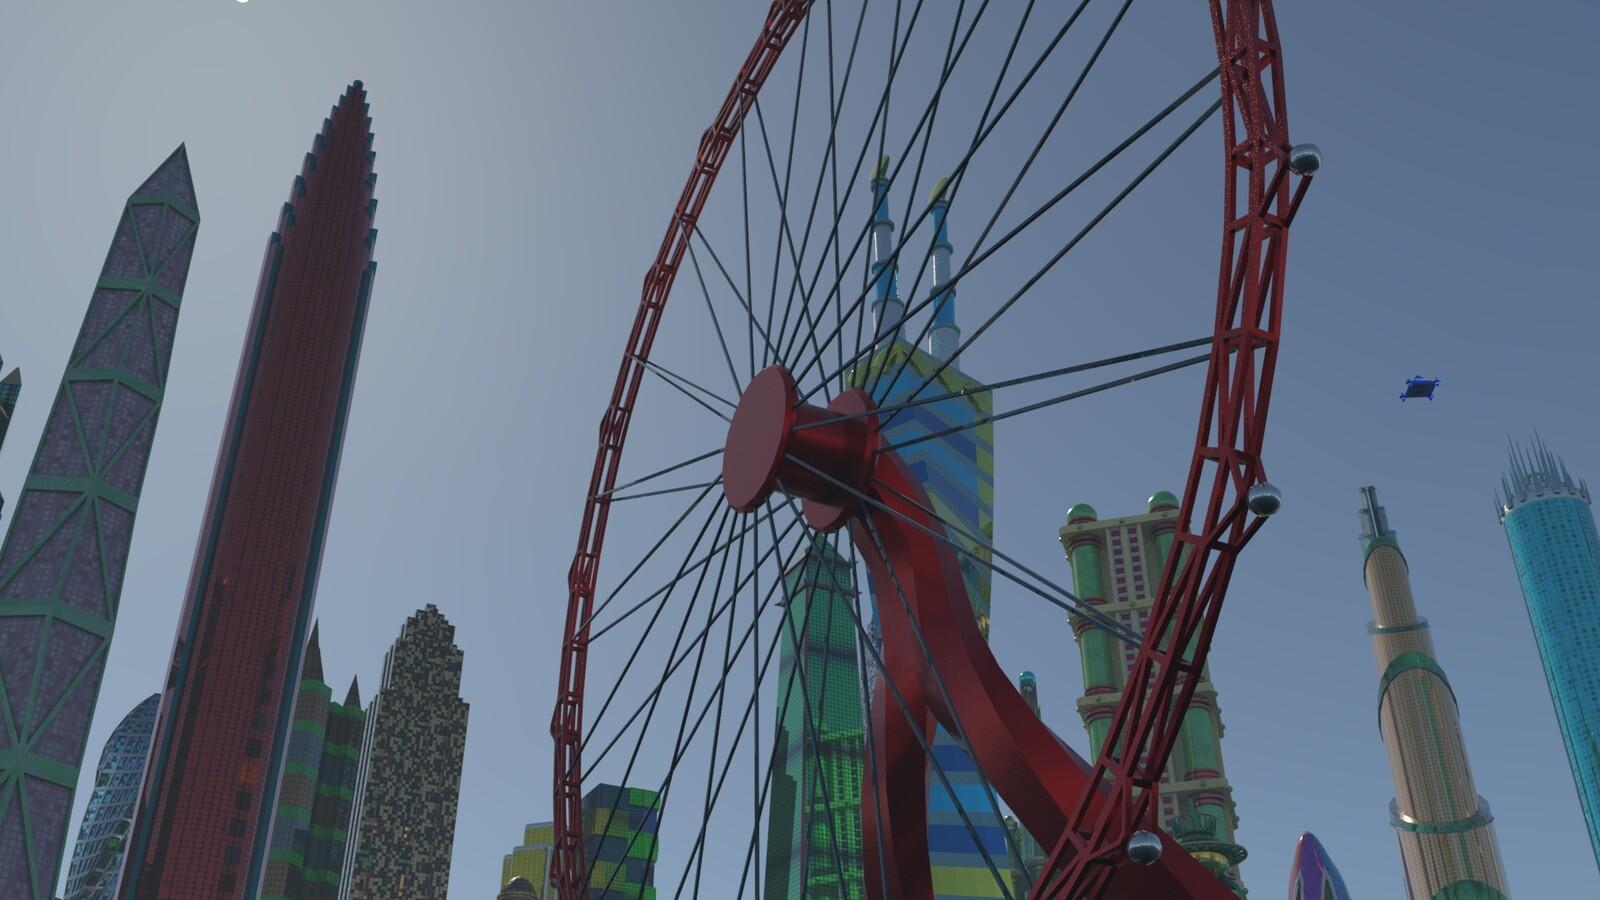 Scarlinite Wheel